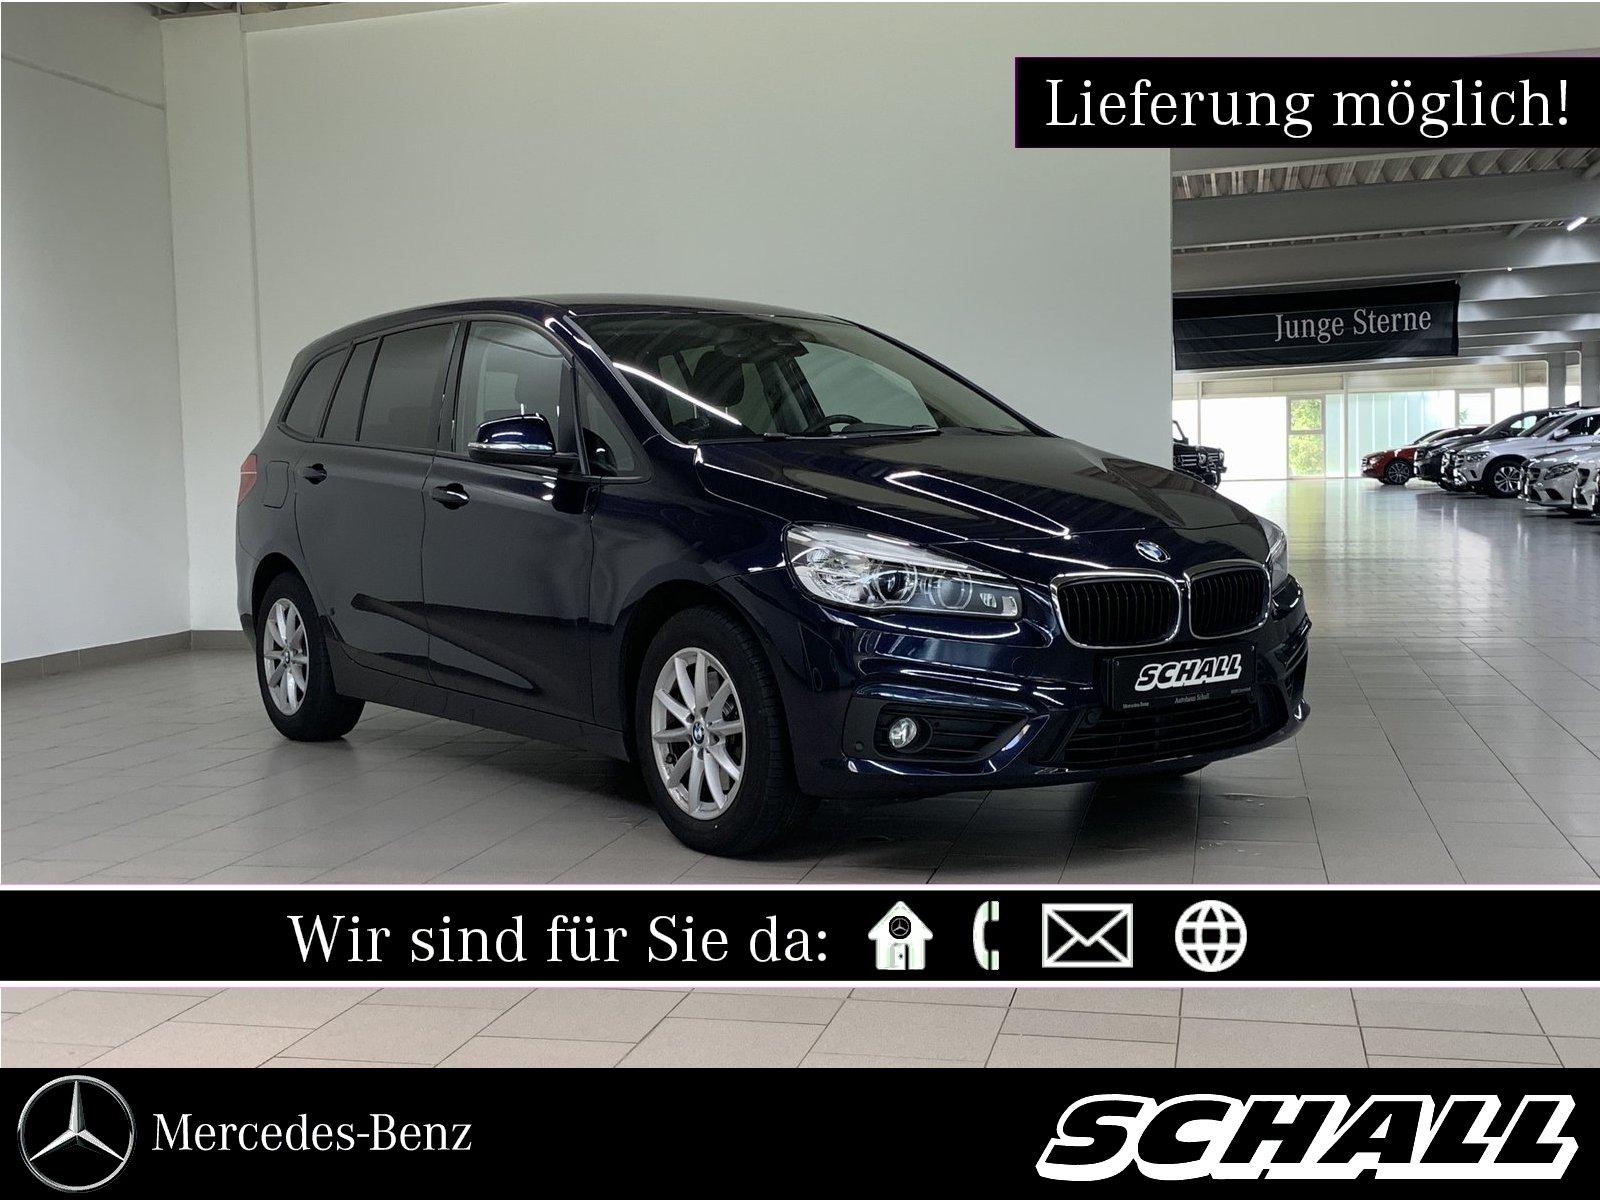 BMW 218i ADVANTAGE LED+NAVIGATION+PARK DISTANCE CONT, Jahr 2015, Benzin